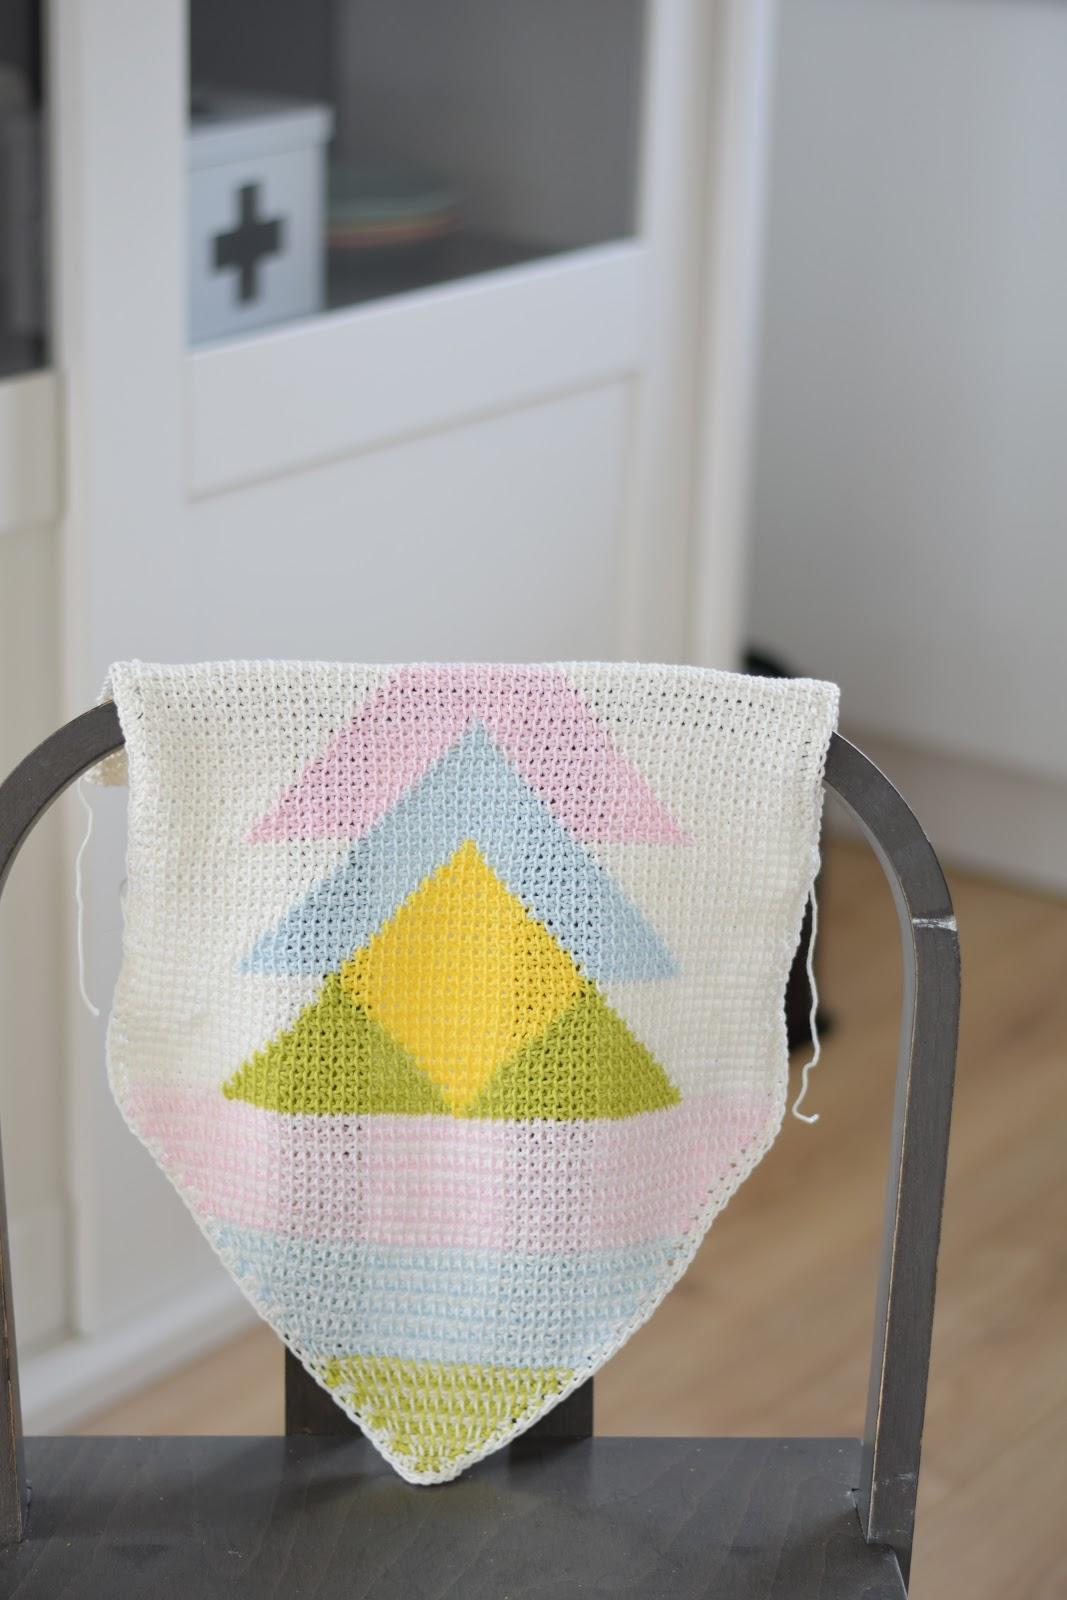 Madebyleen Blog Over Haken Crochet Blog Review Boek Tunisch